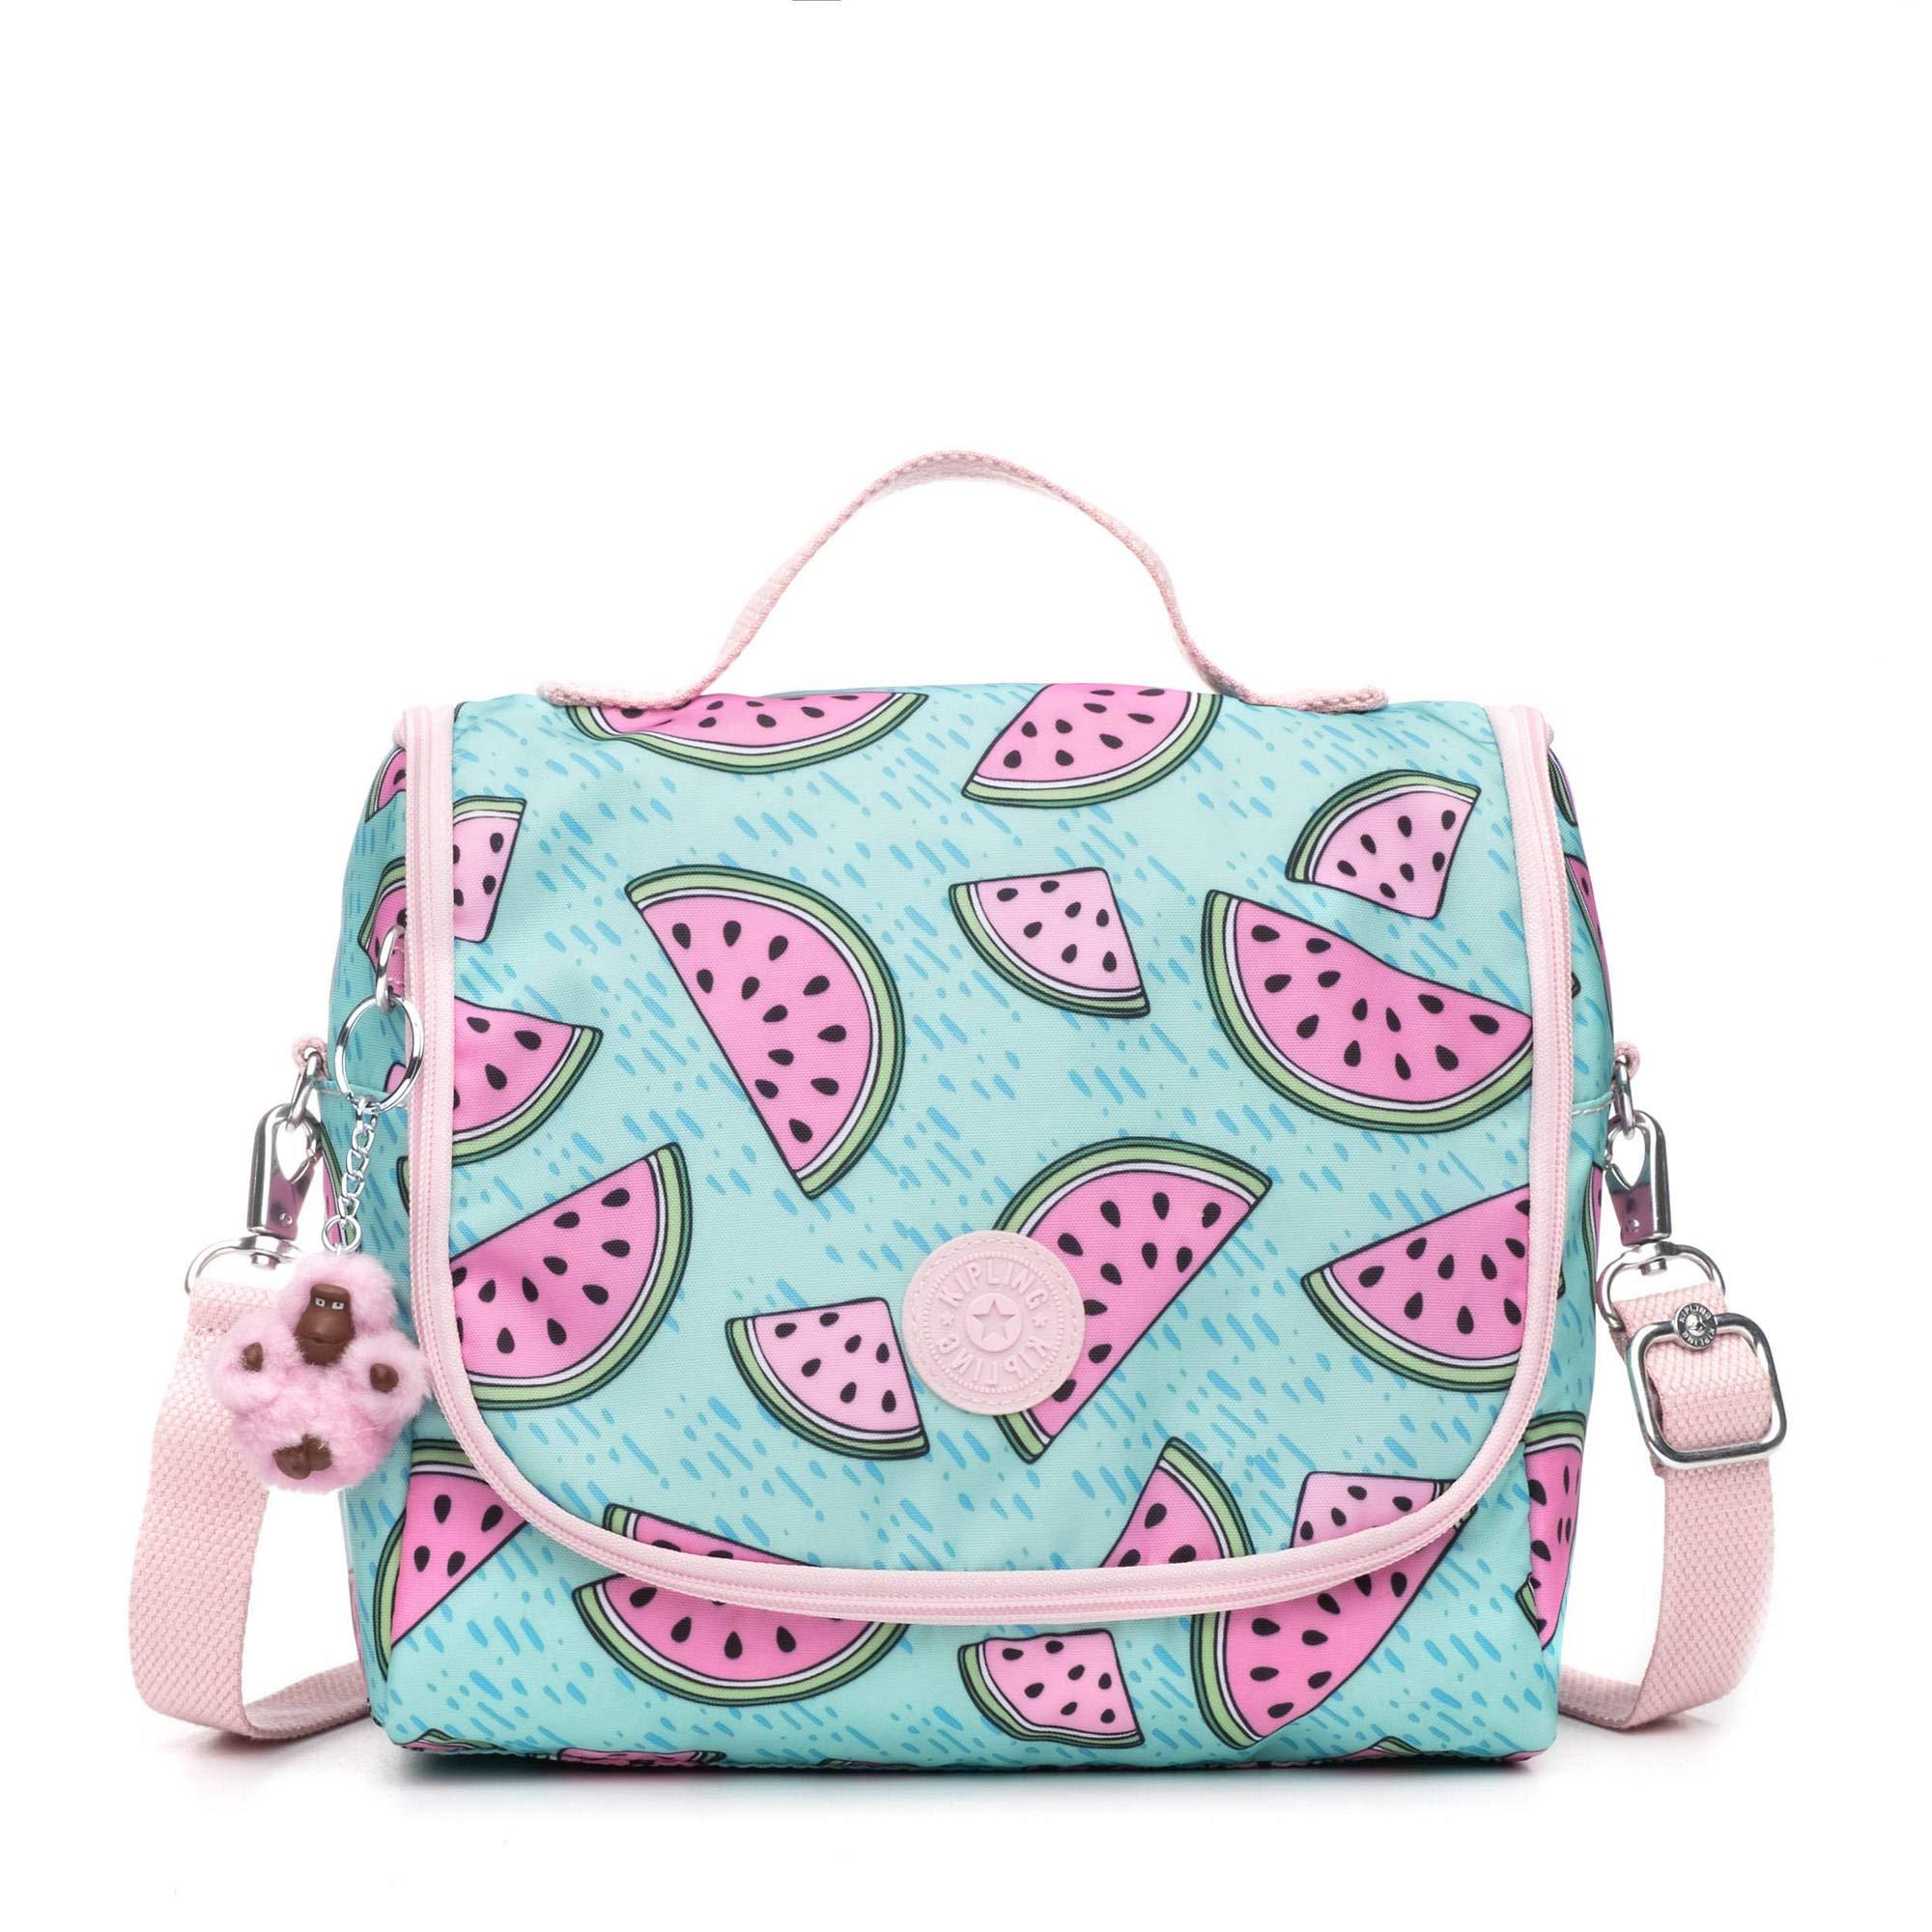 Kipling Kichirou Printed Lunch Bag Sunny Shine